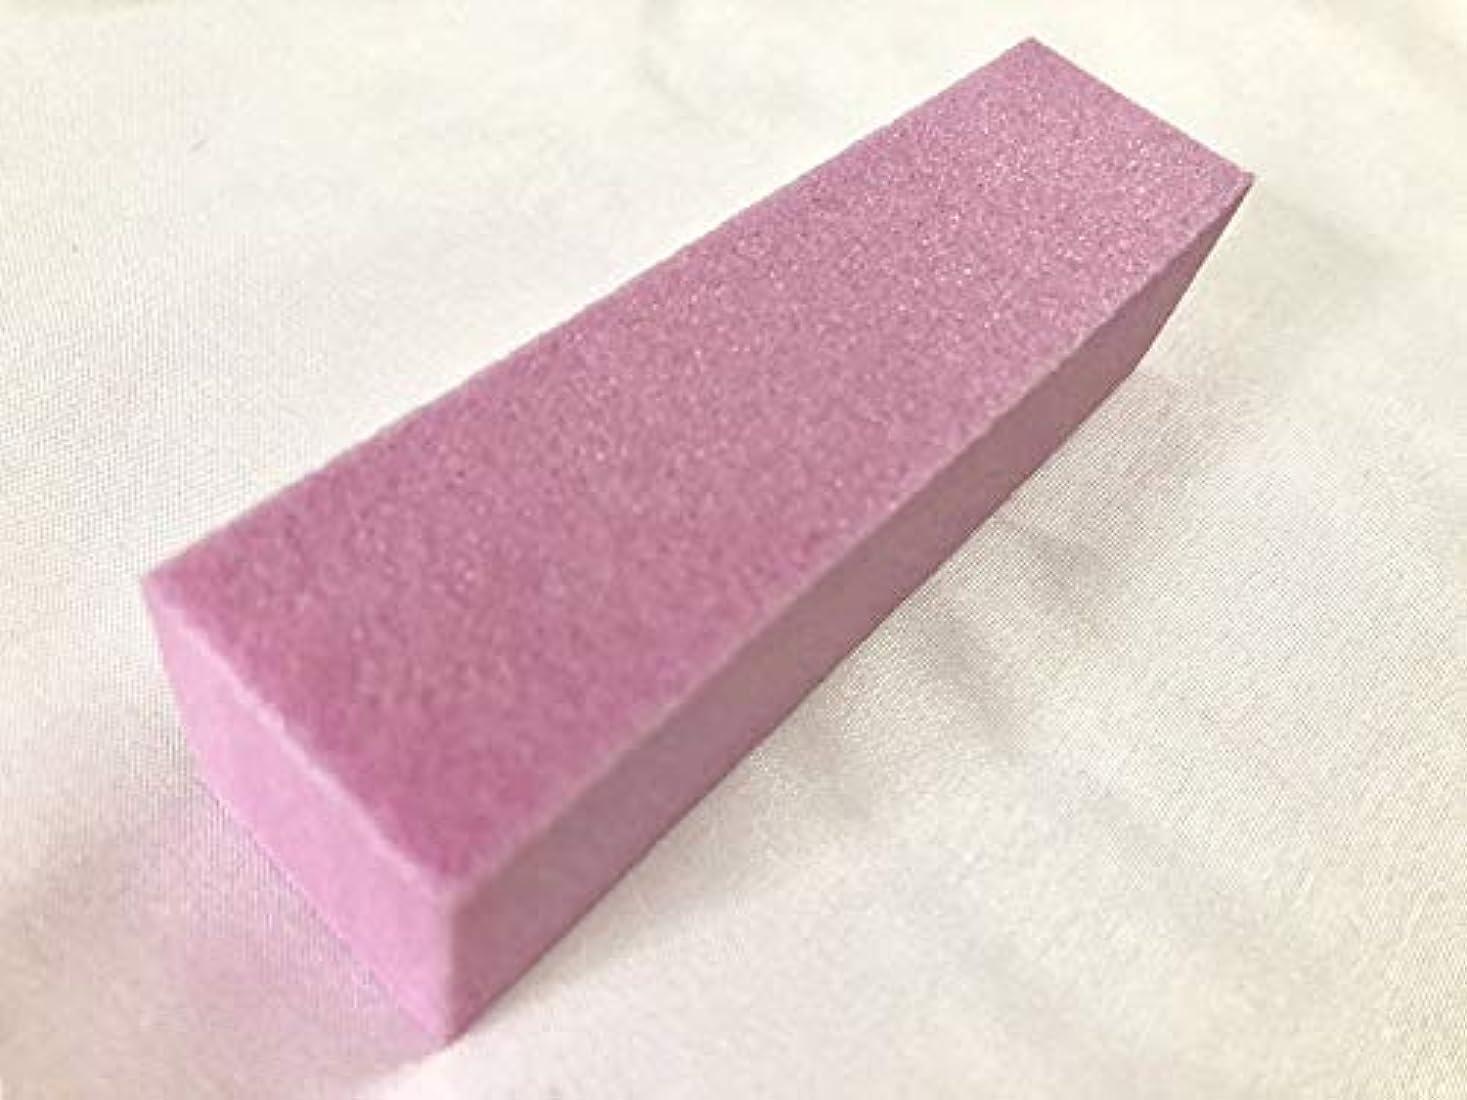 露骨なの間で夕方スポンジ ネイル ファイル 4本セット マニュキュア ネイル ジェルネイル カラフルなスポンジやすりです 使用用途: ネイルファイル 角質とり 刃物のやすり